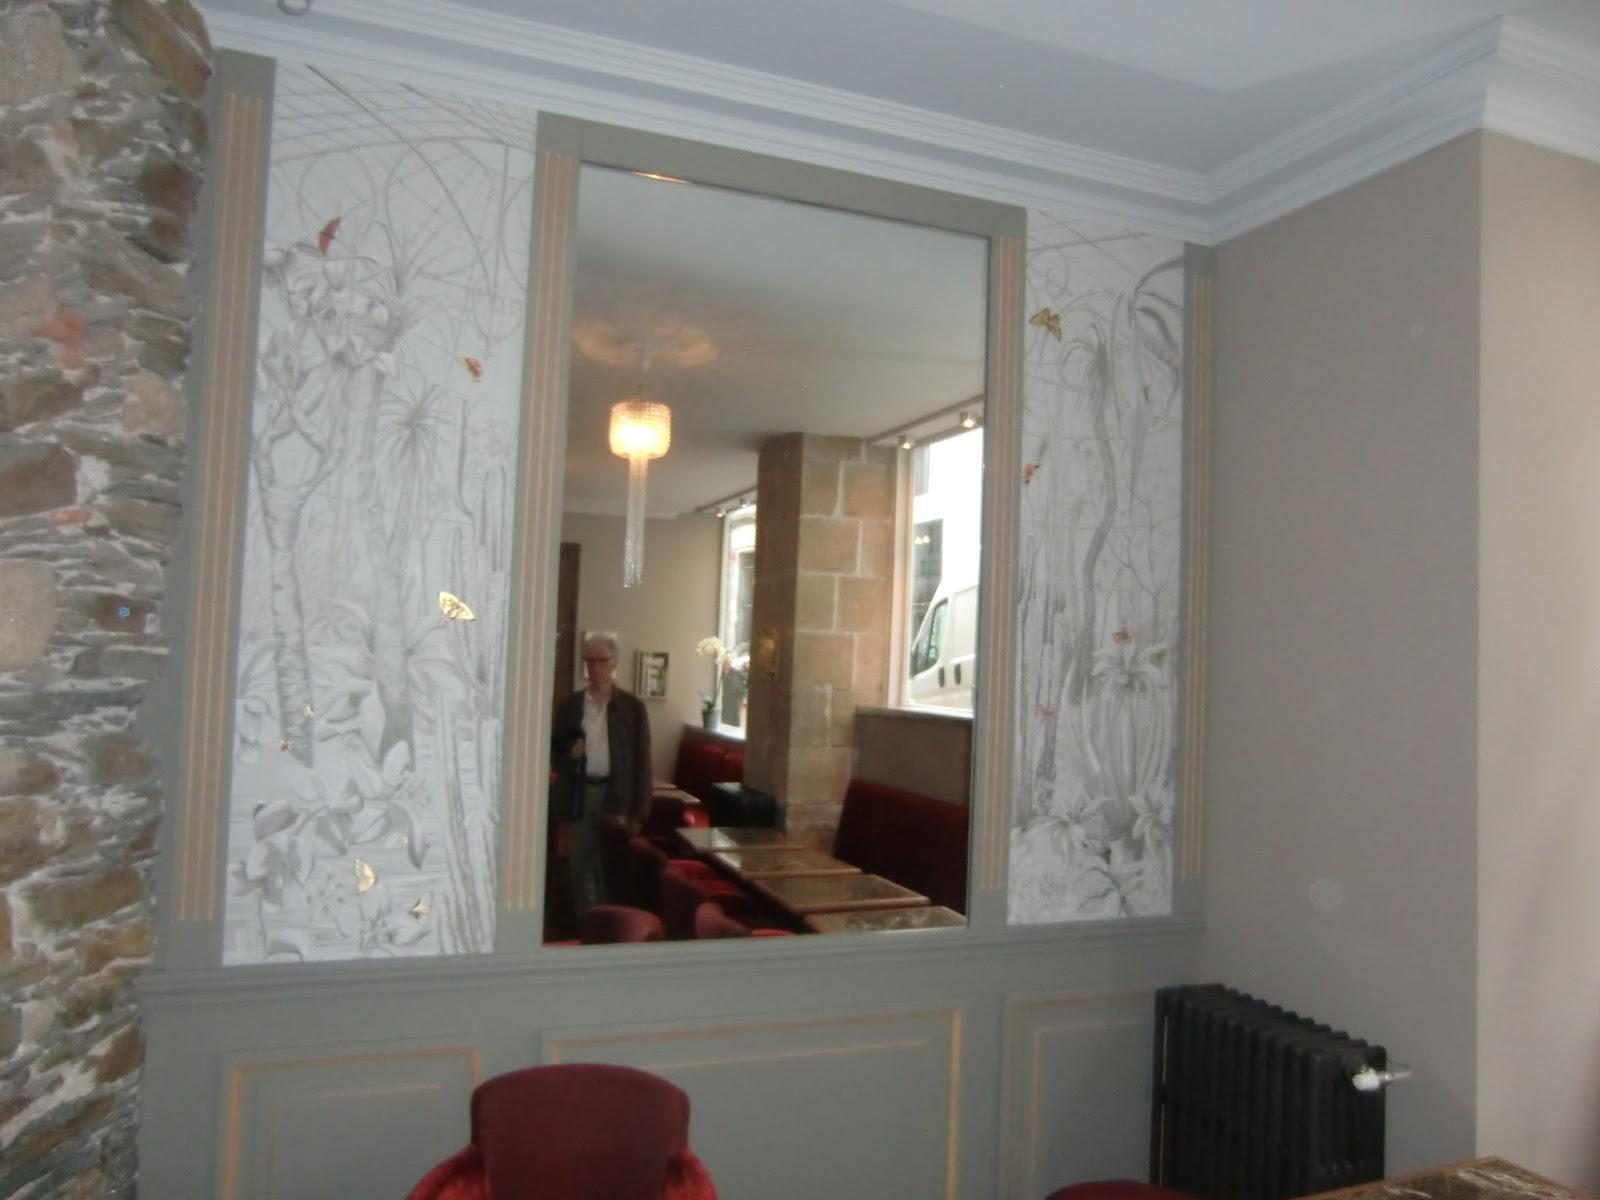 Decoration Et Peinture Salon benoit desclos - peinture déco tel : 06 16 59 81 36: décor